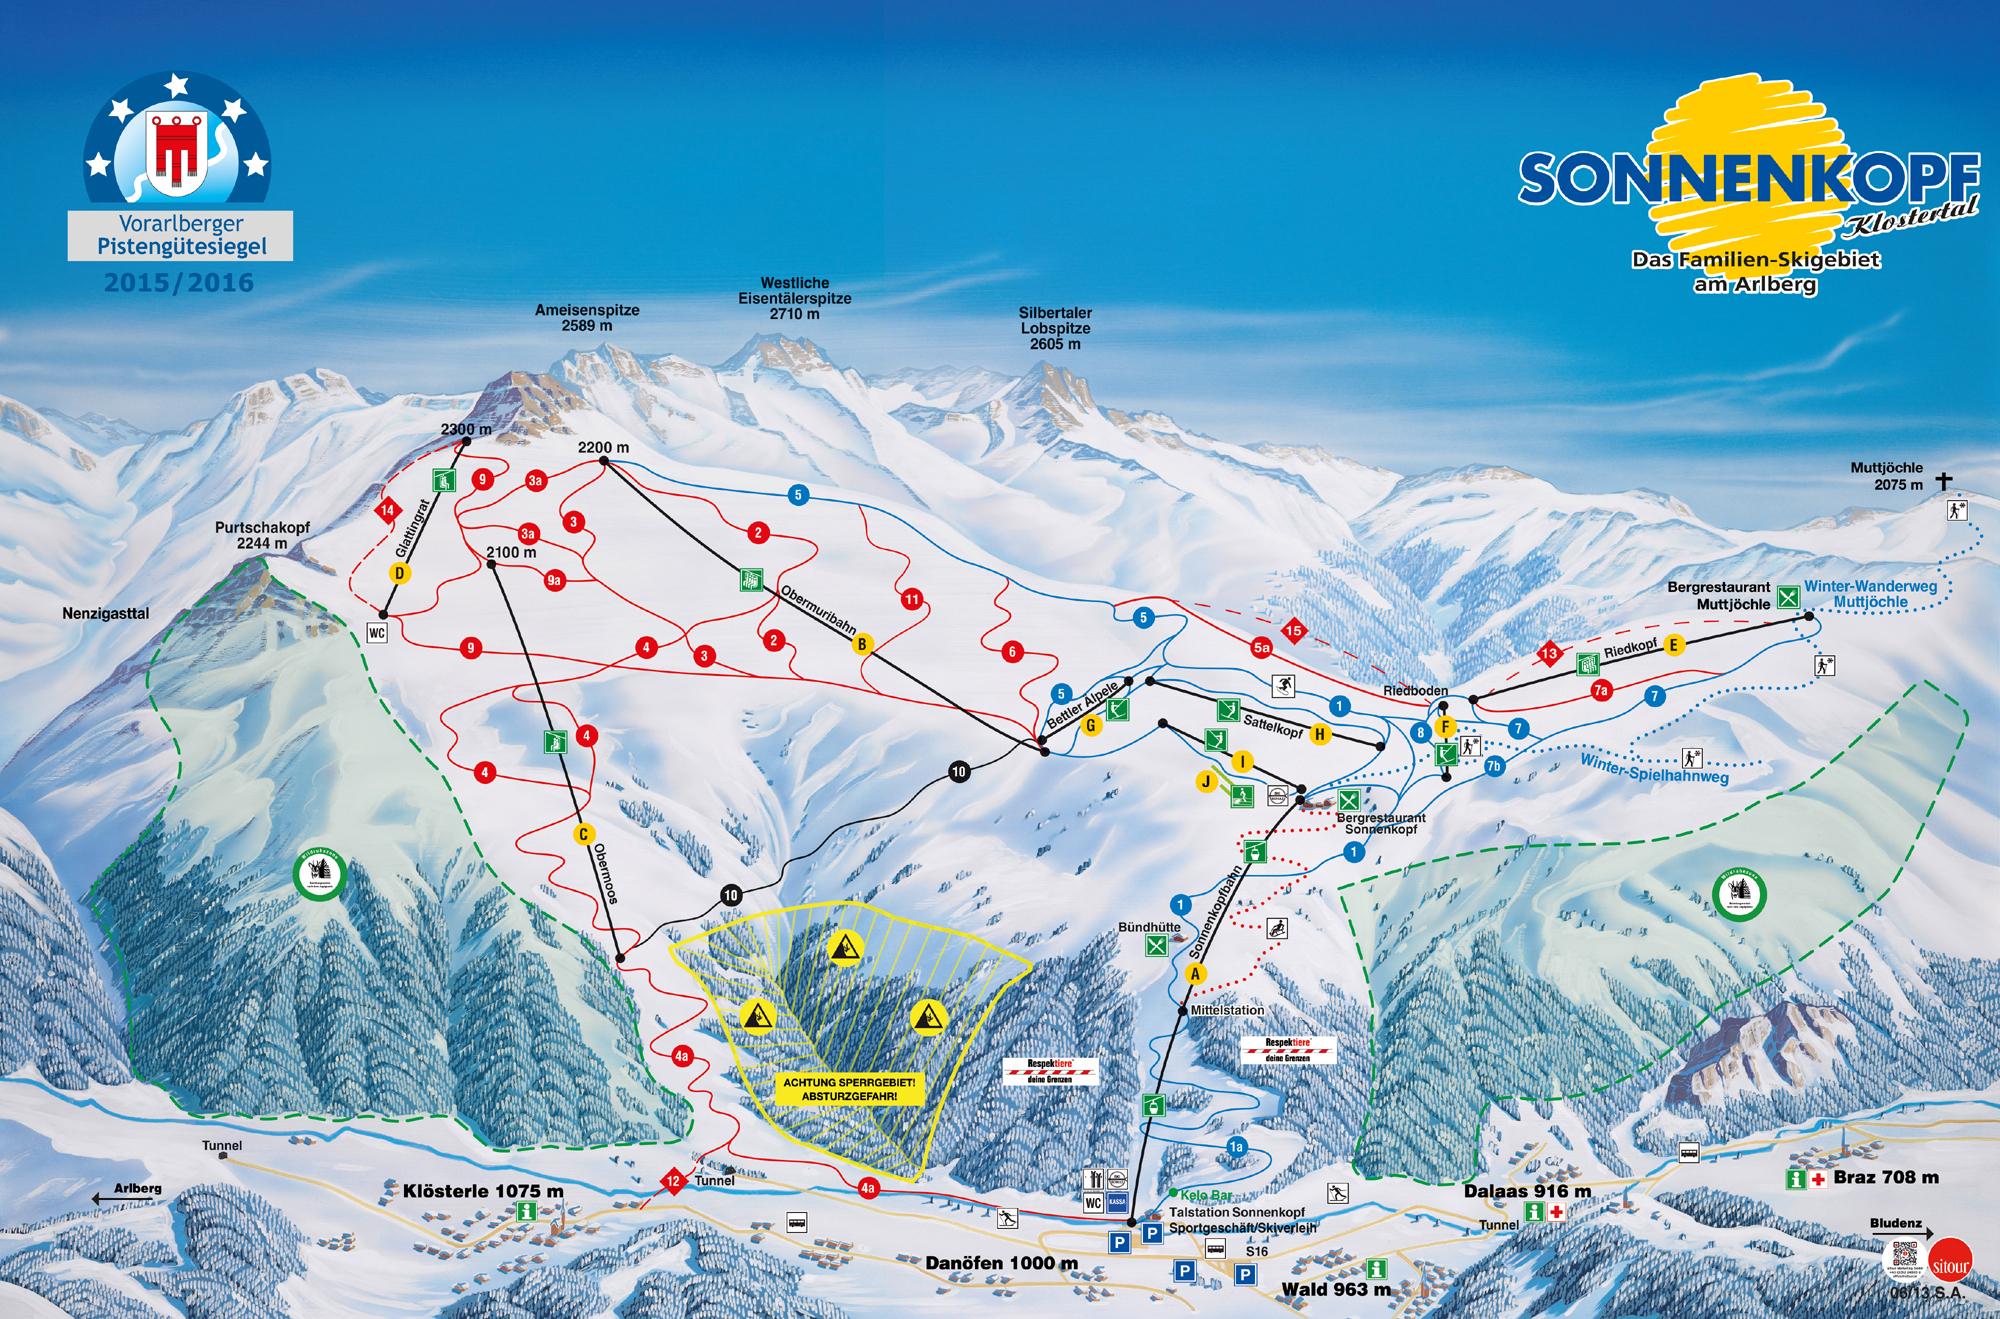 Klösterle/Sonnenkopf Piste / Trail Map